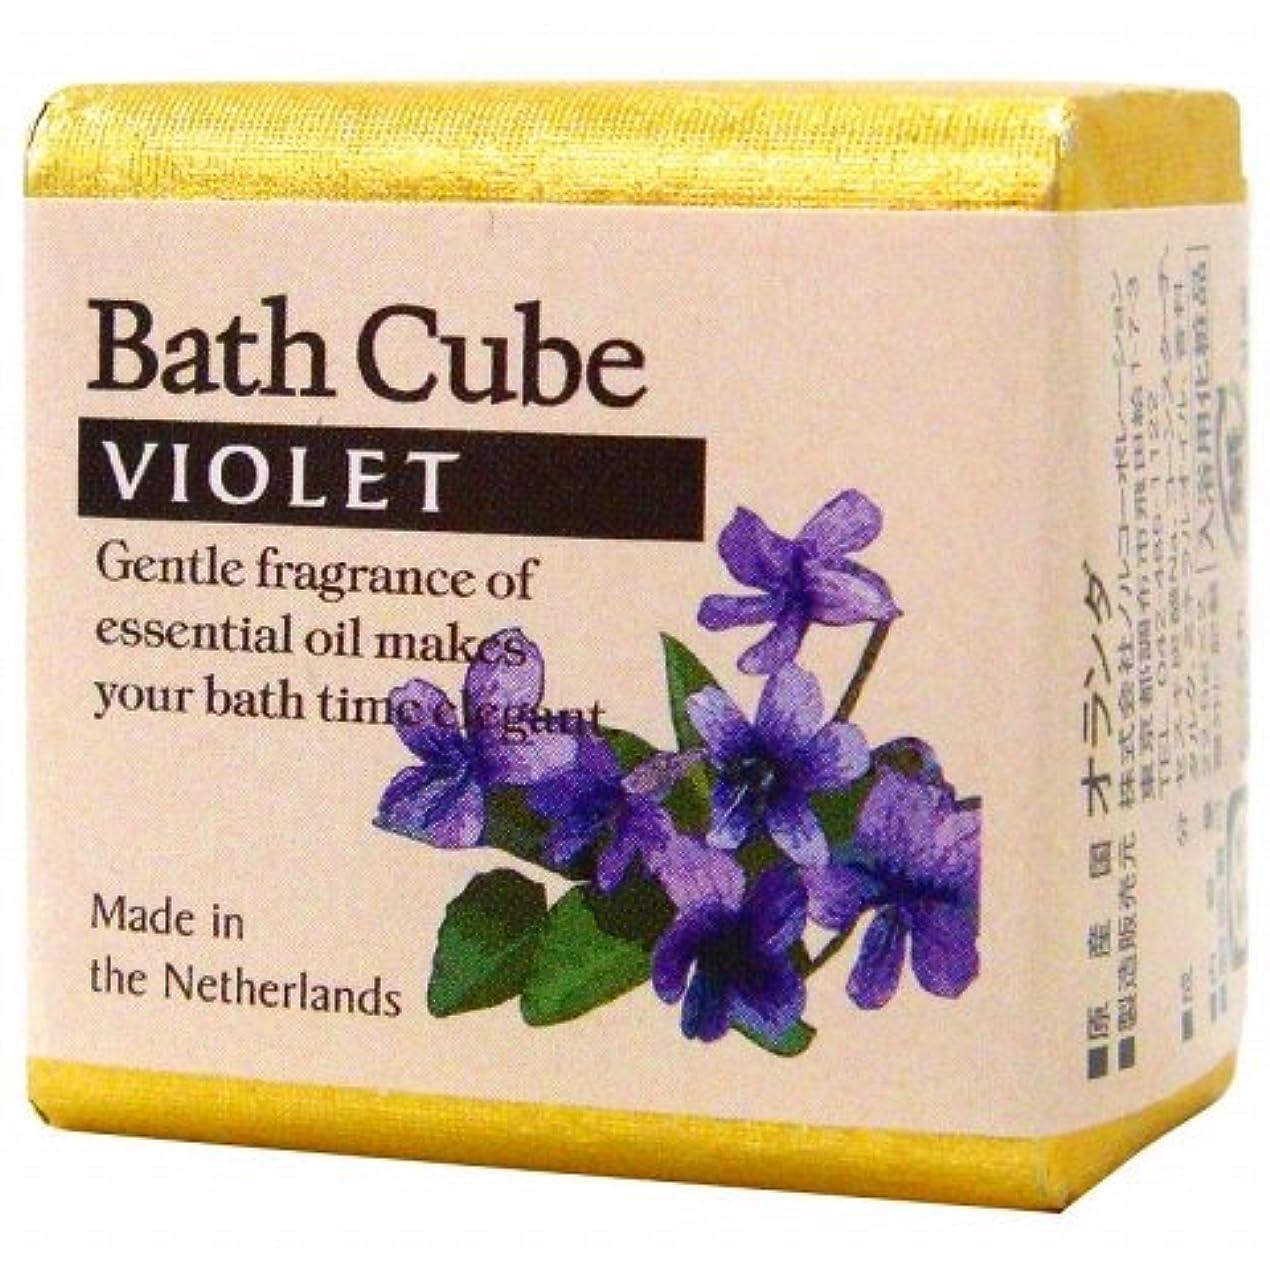 ソブリケットこねる本物フレグランスバスキューブ「バイオレット」12個セット 上品でかわいらしいすみれの香り